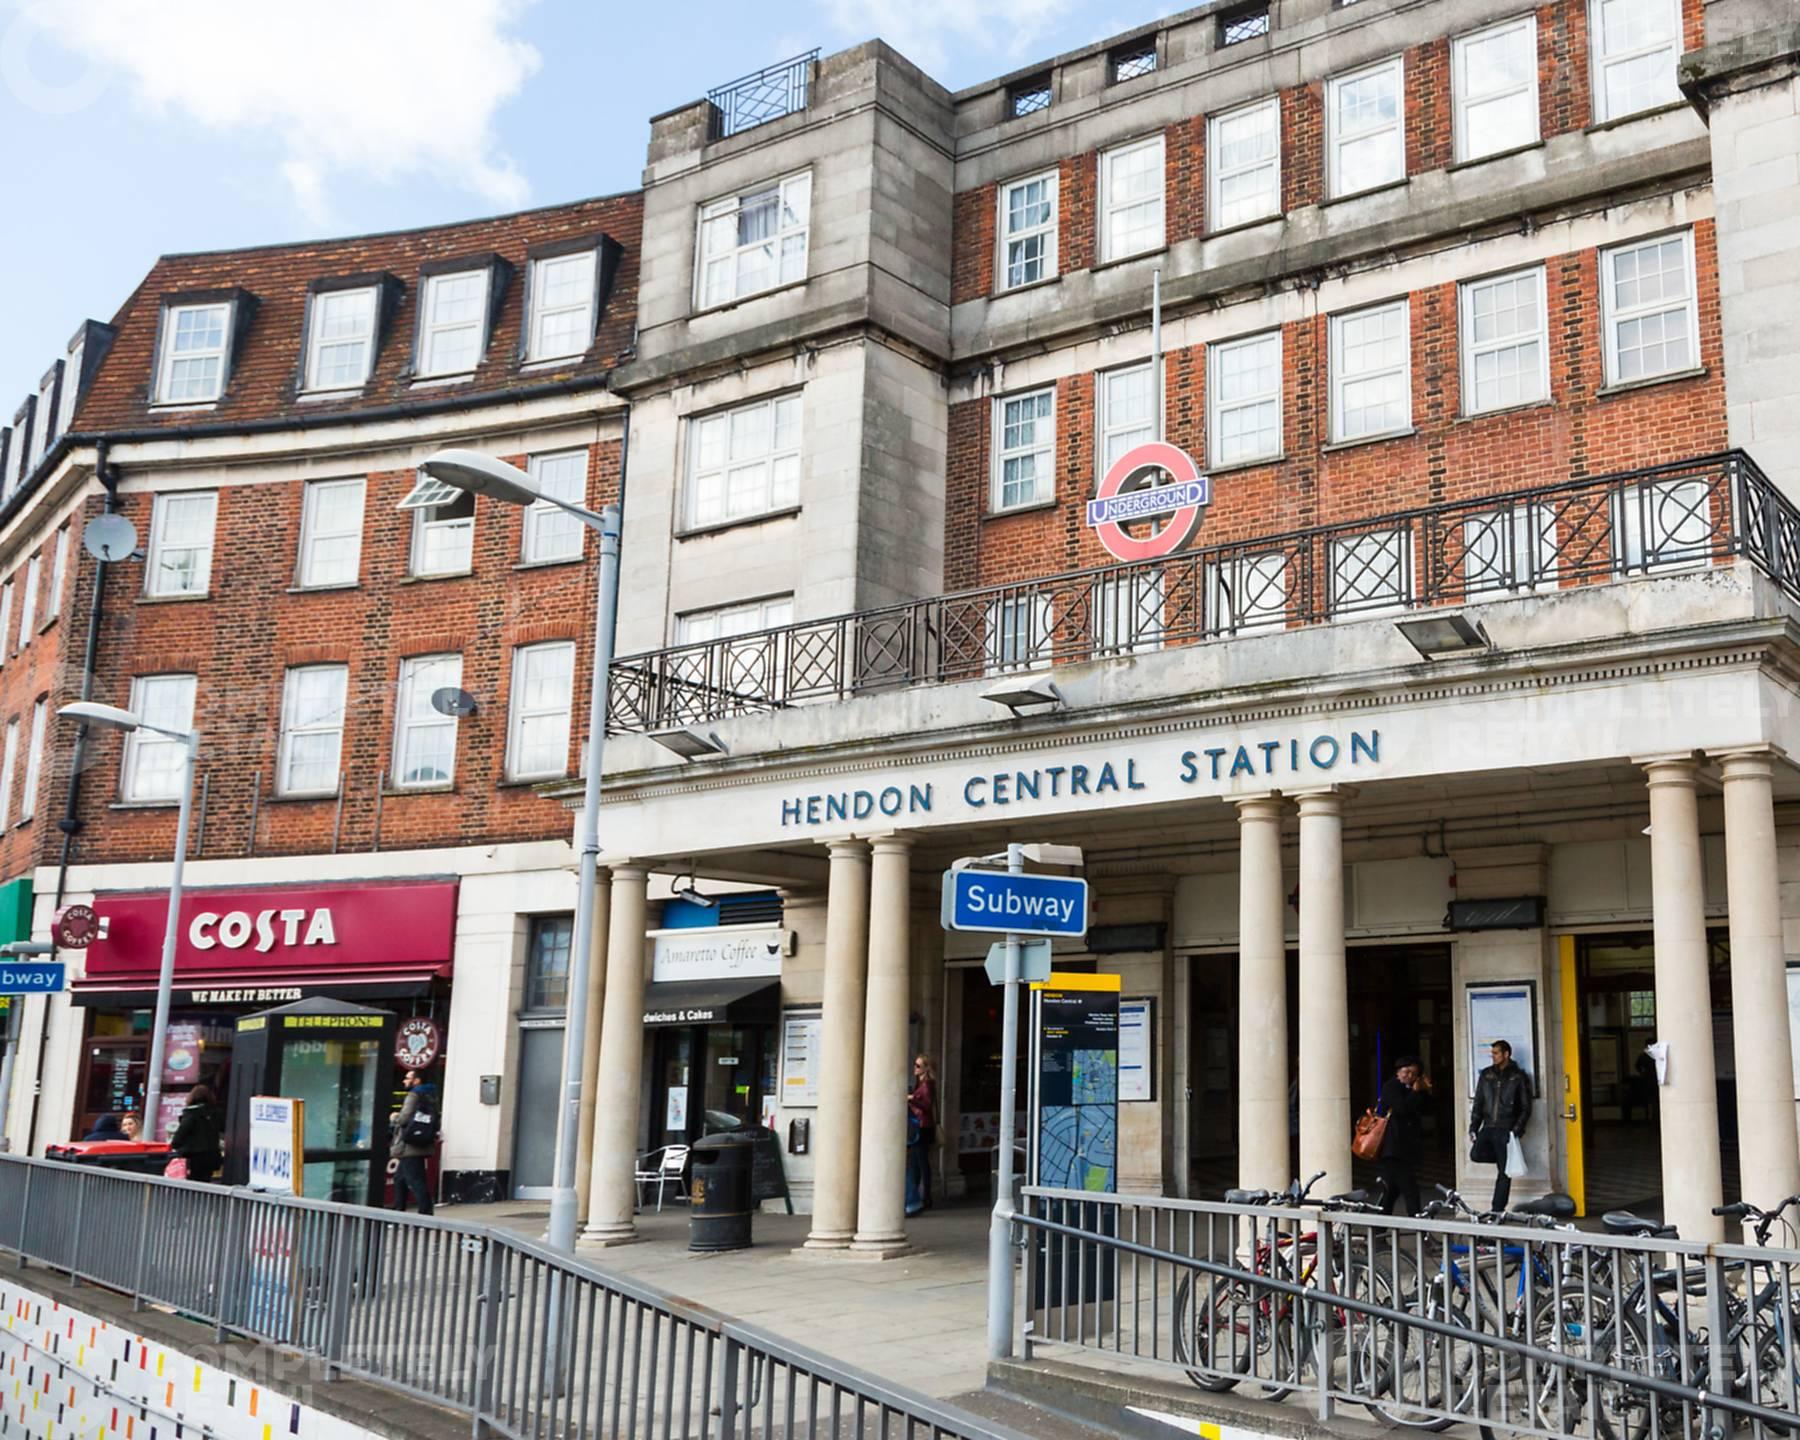 Hendon Central Underground Station